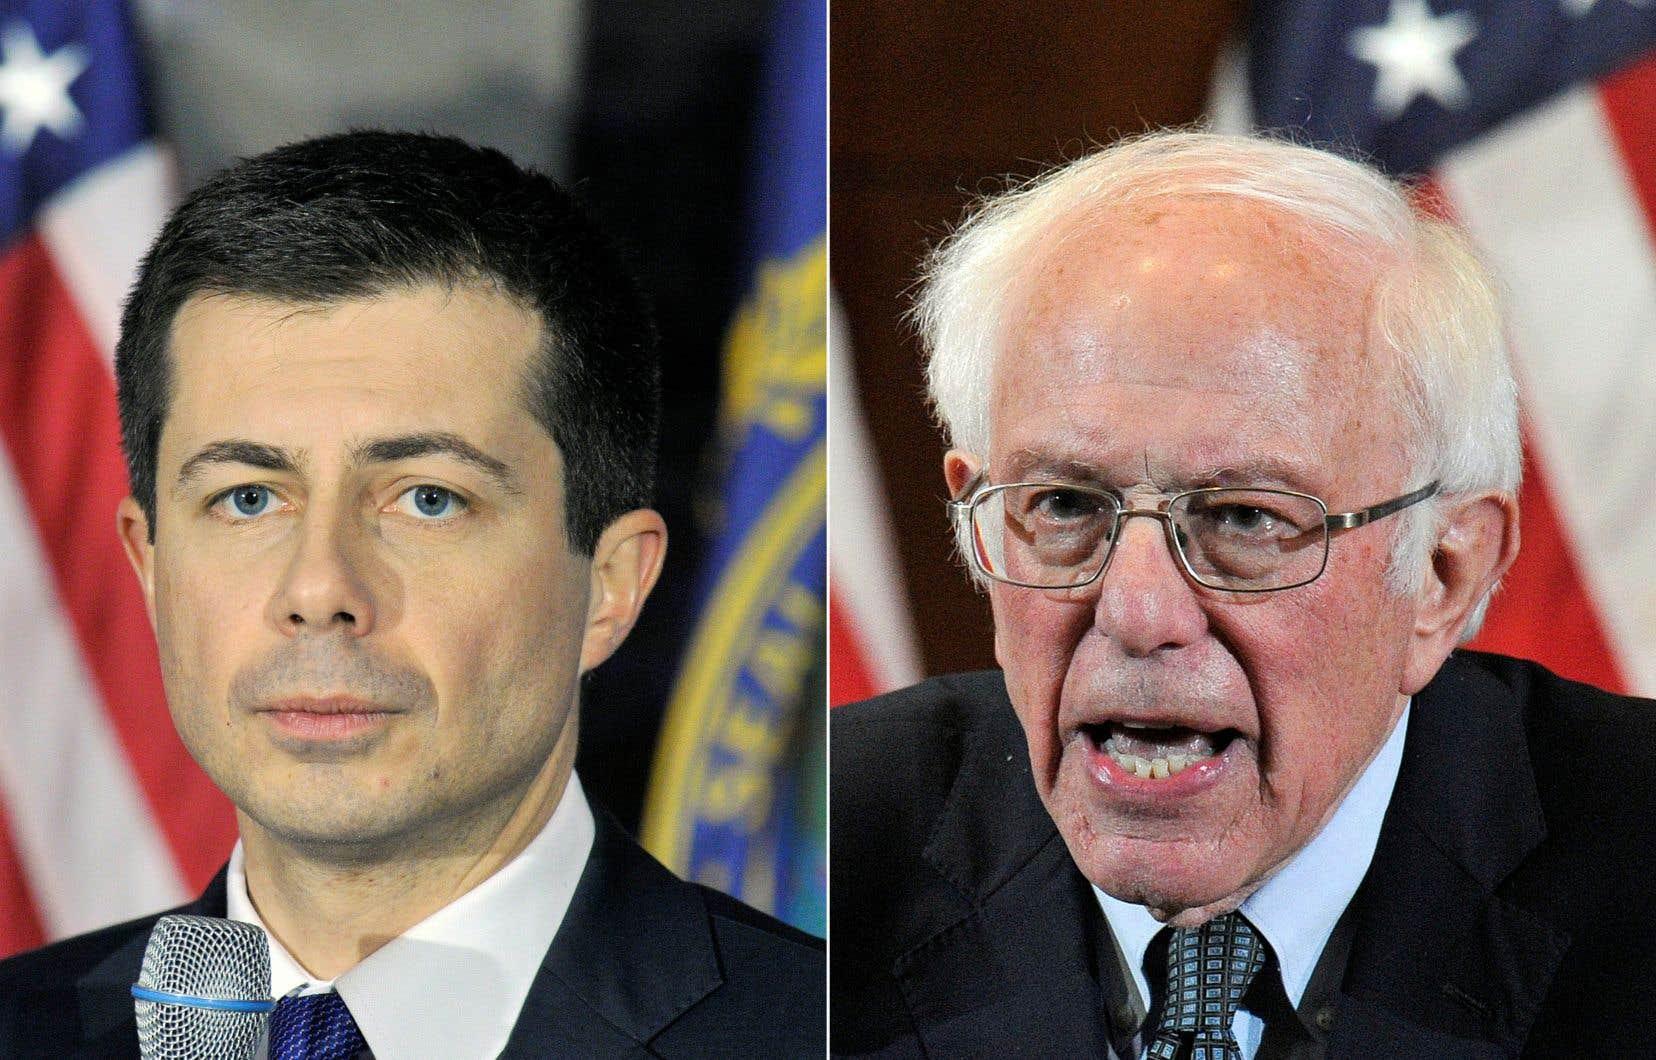 Bernie Sanders (à droite) était au coude-à-coude jeudi avec Pete Buttigieg (à gauche) dans le premier vote des primaires présidentielles démocrates, forçant leurs rivaux à revoir leur stratégie.